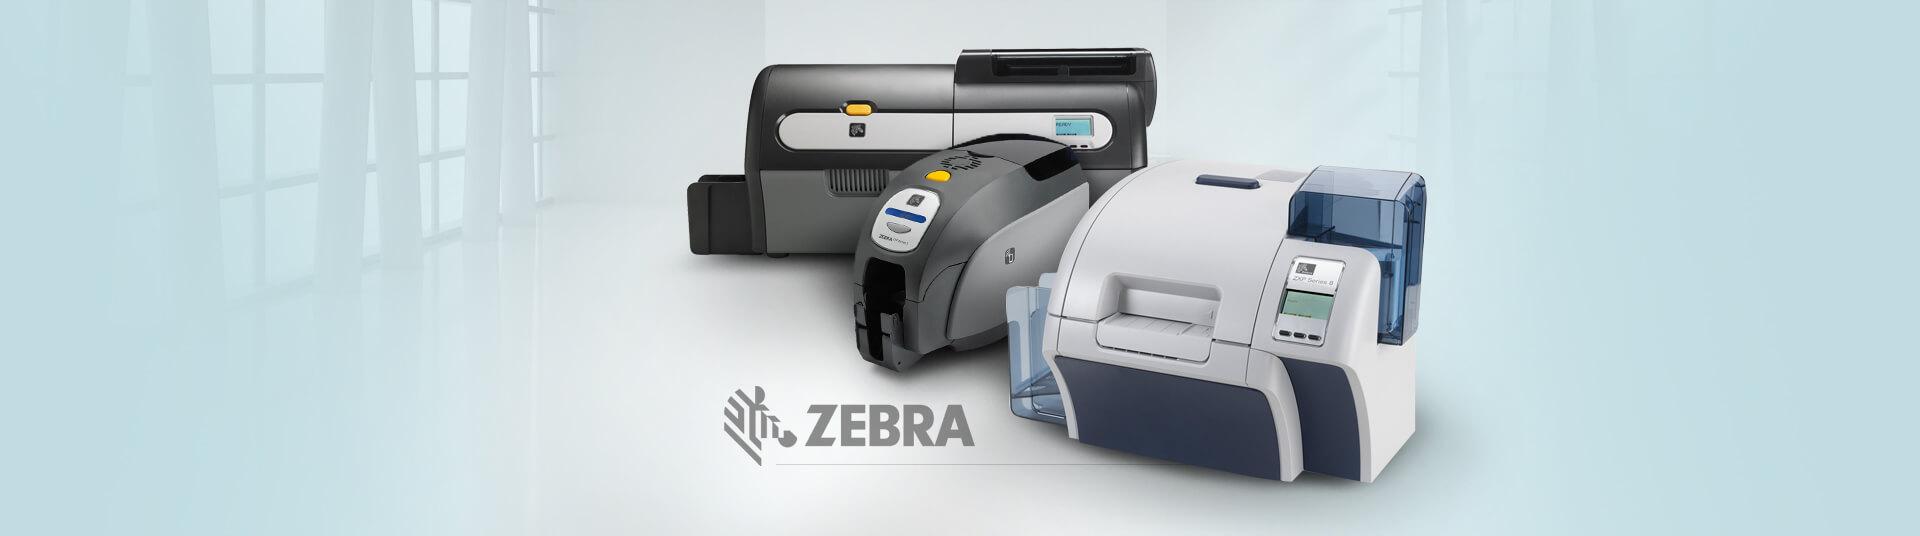 Zebra ID Maker